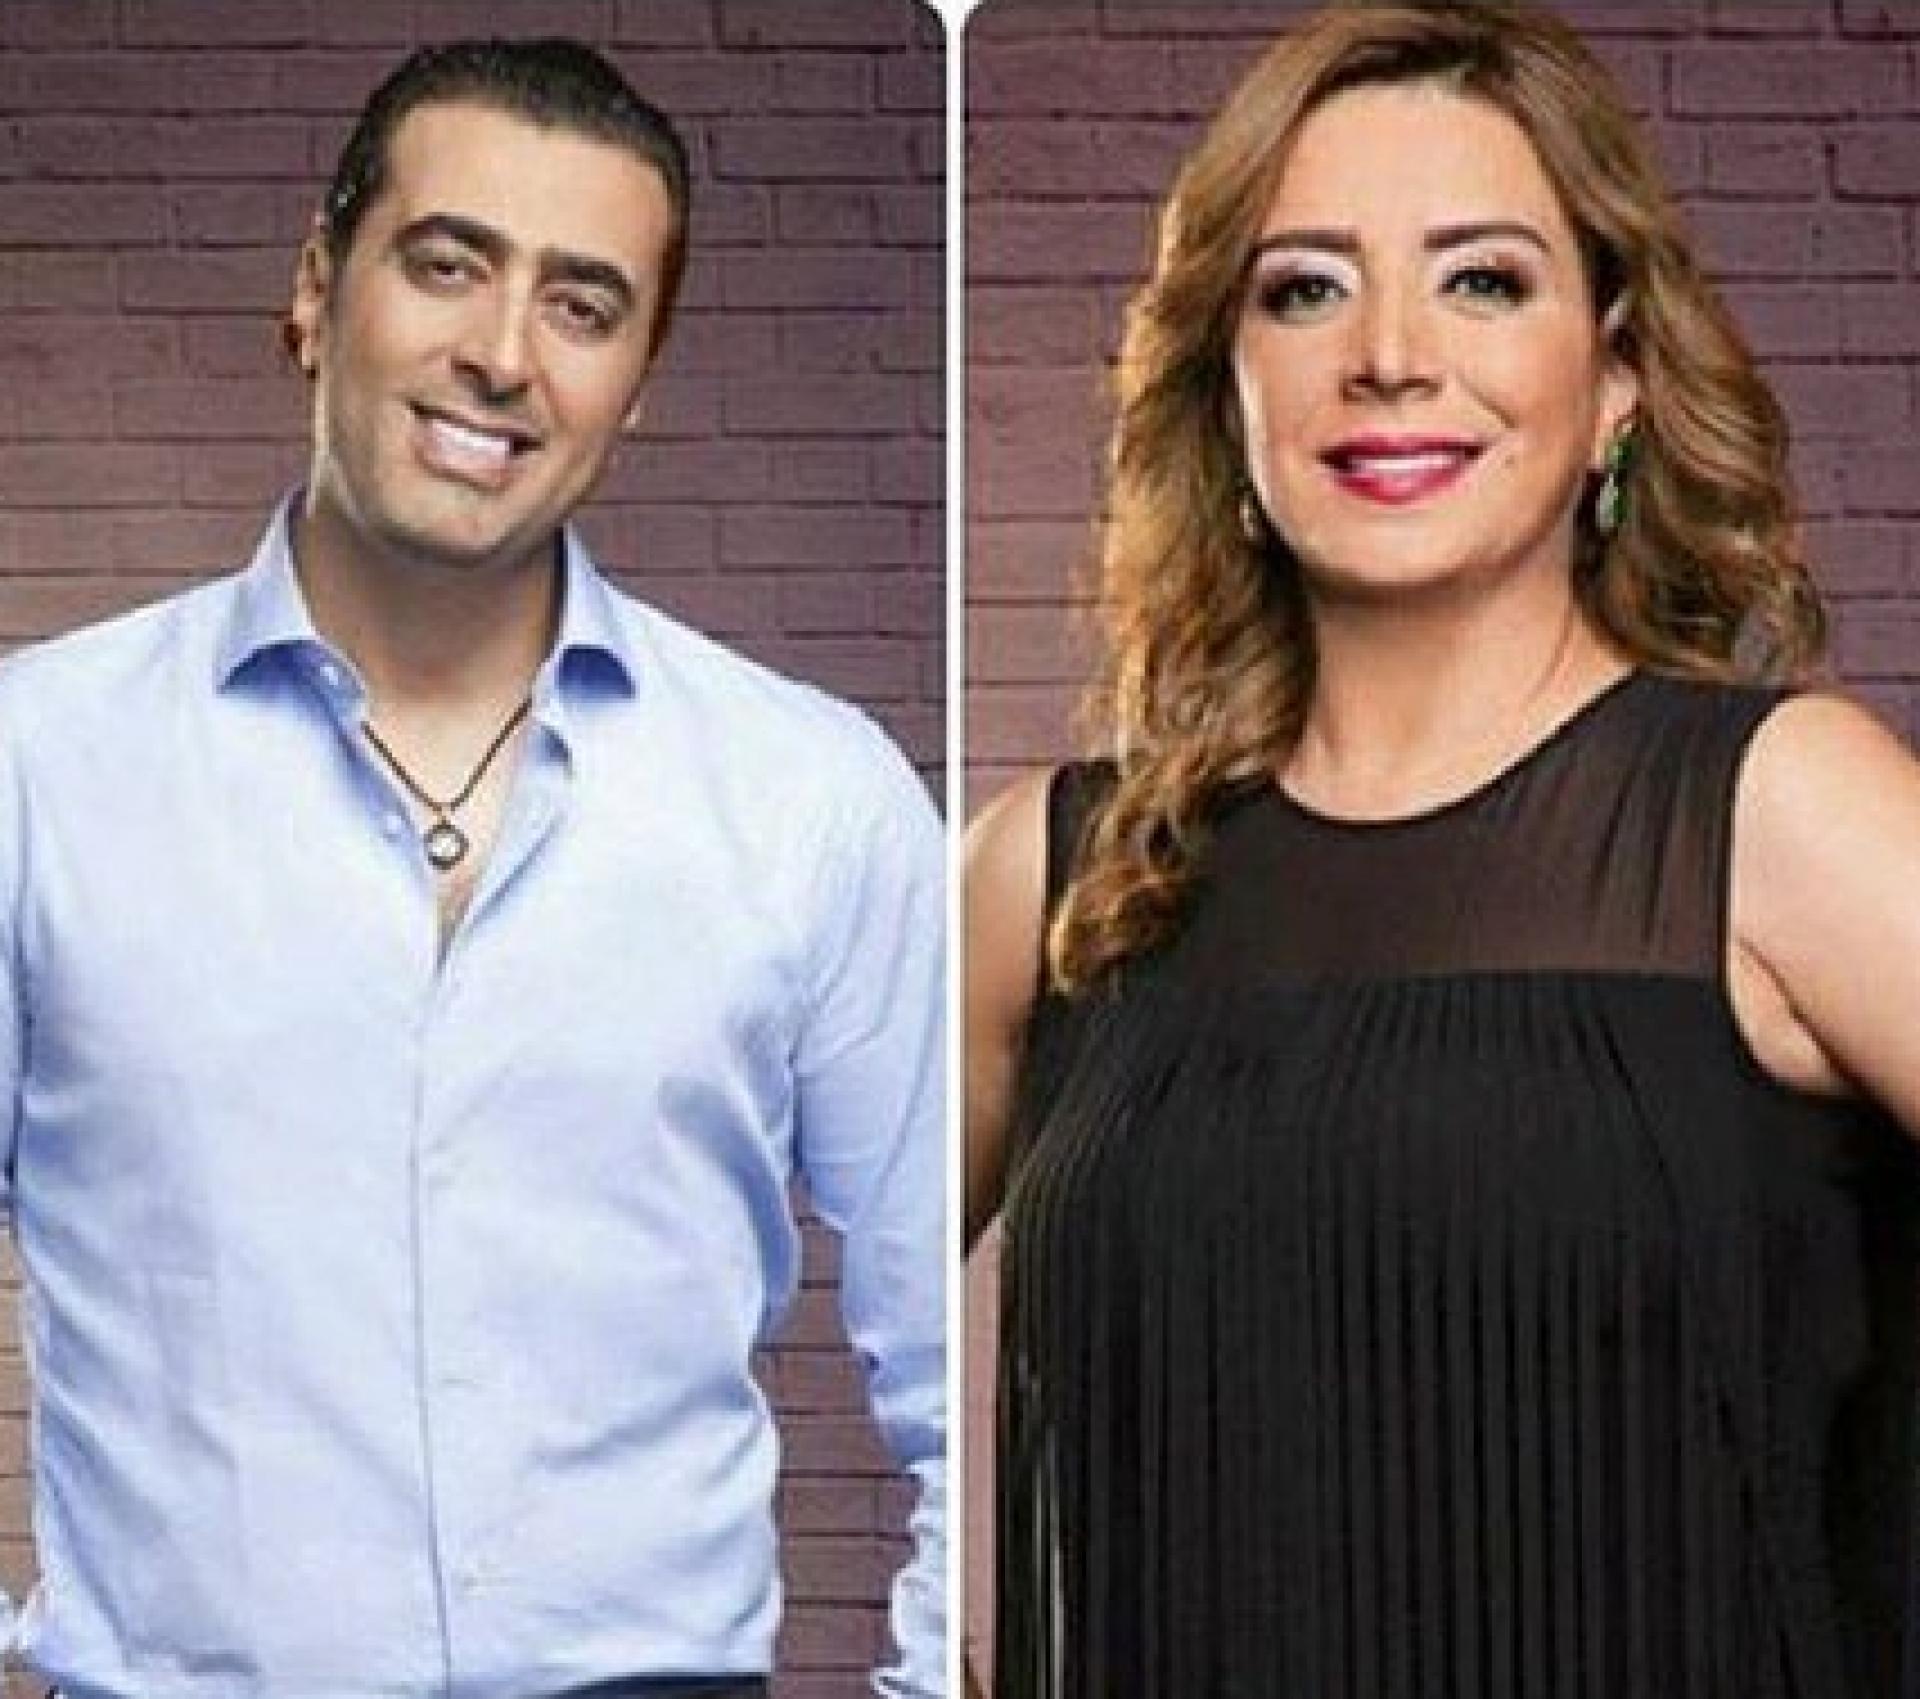 بالفيديو - باسم ياخور يثير الجدل وهو يتصبب عرقاً.. وهذا ما فعلته شكران مرتجى!؟   Laha Magazine